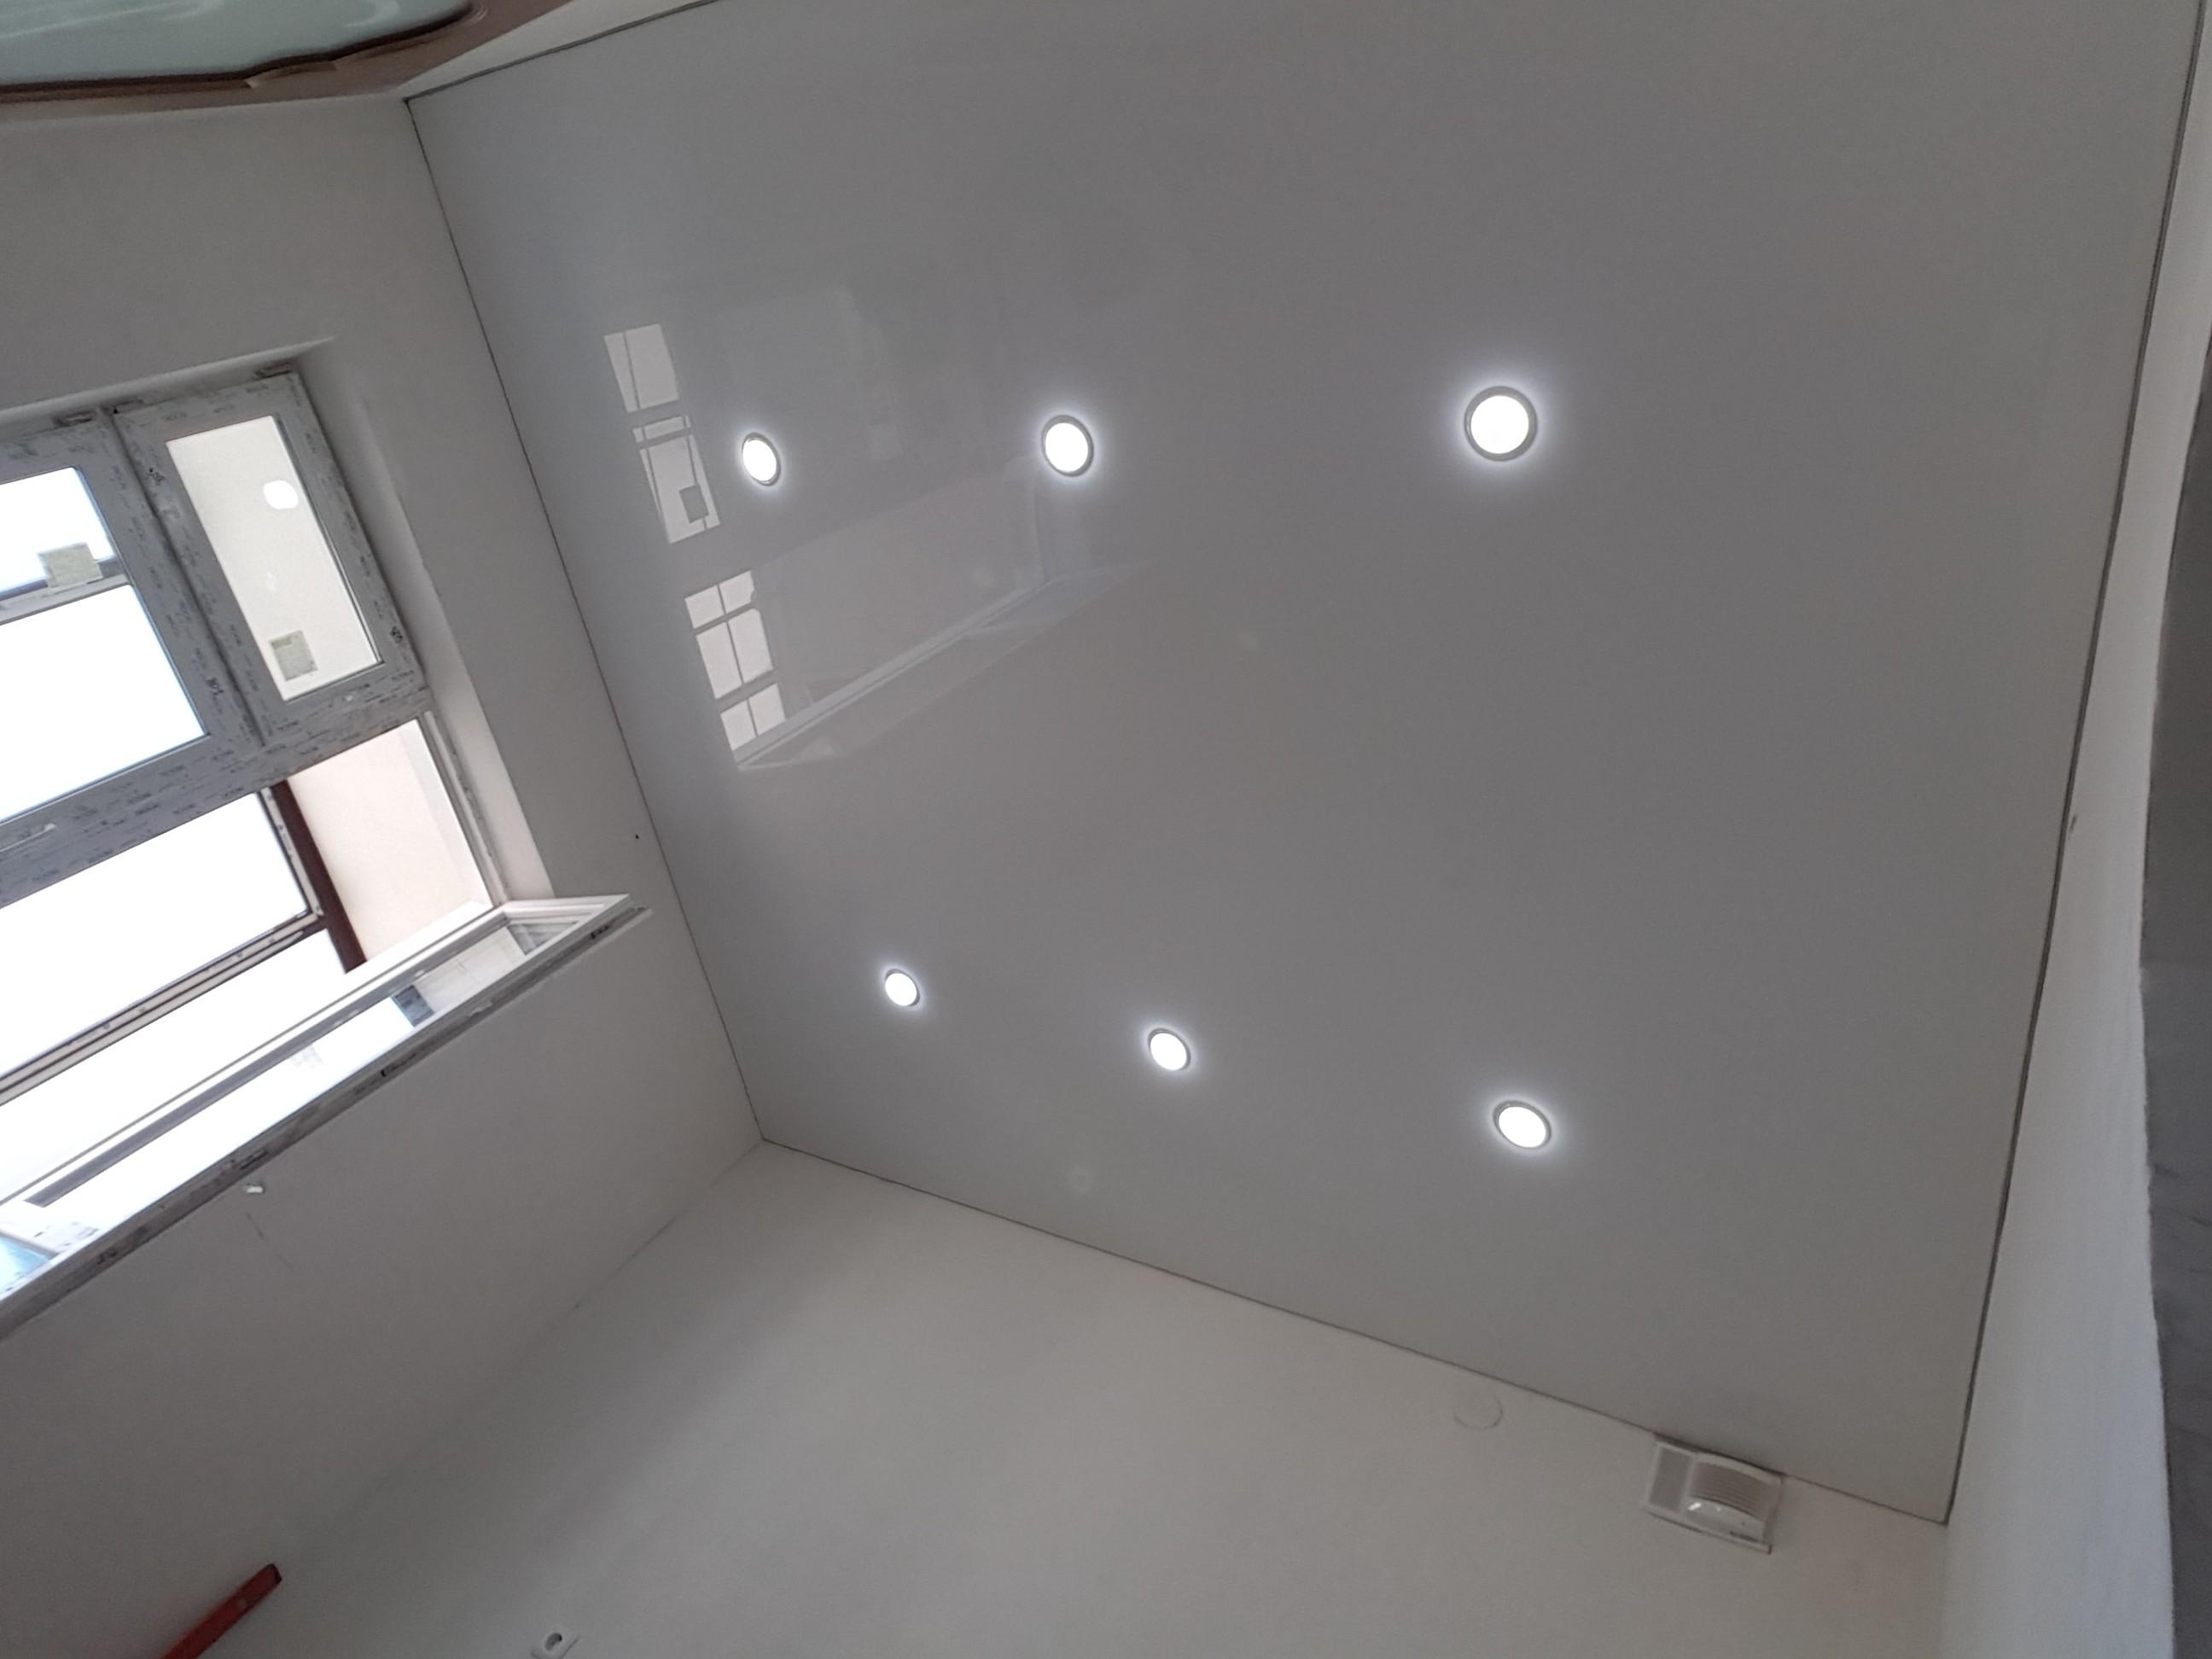 Белый потолок для кухни площадью 8 кв.м, высота потолков 2,4 м